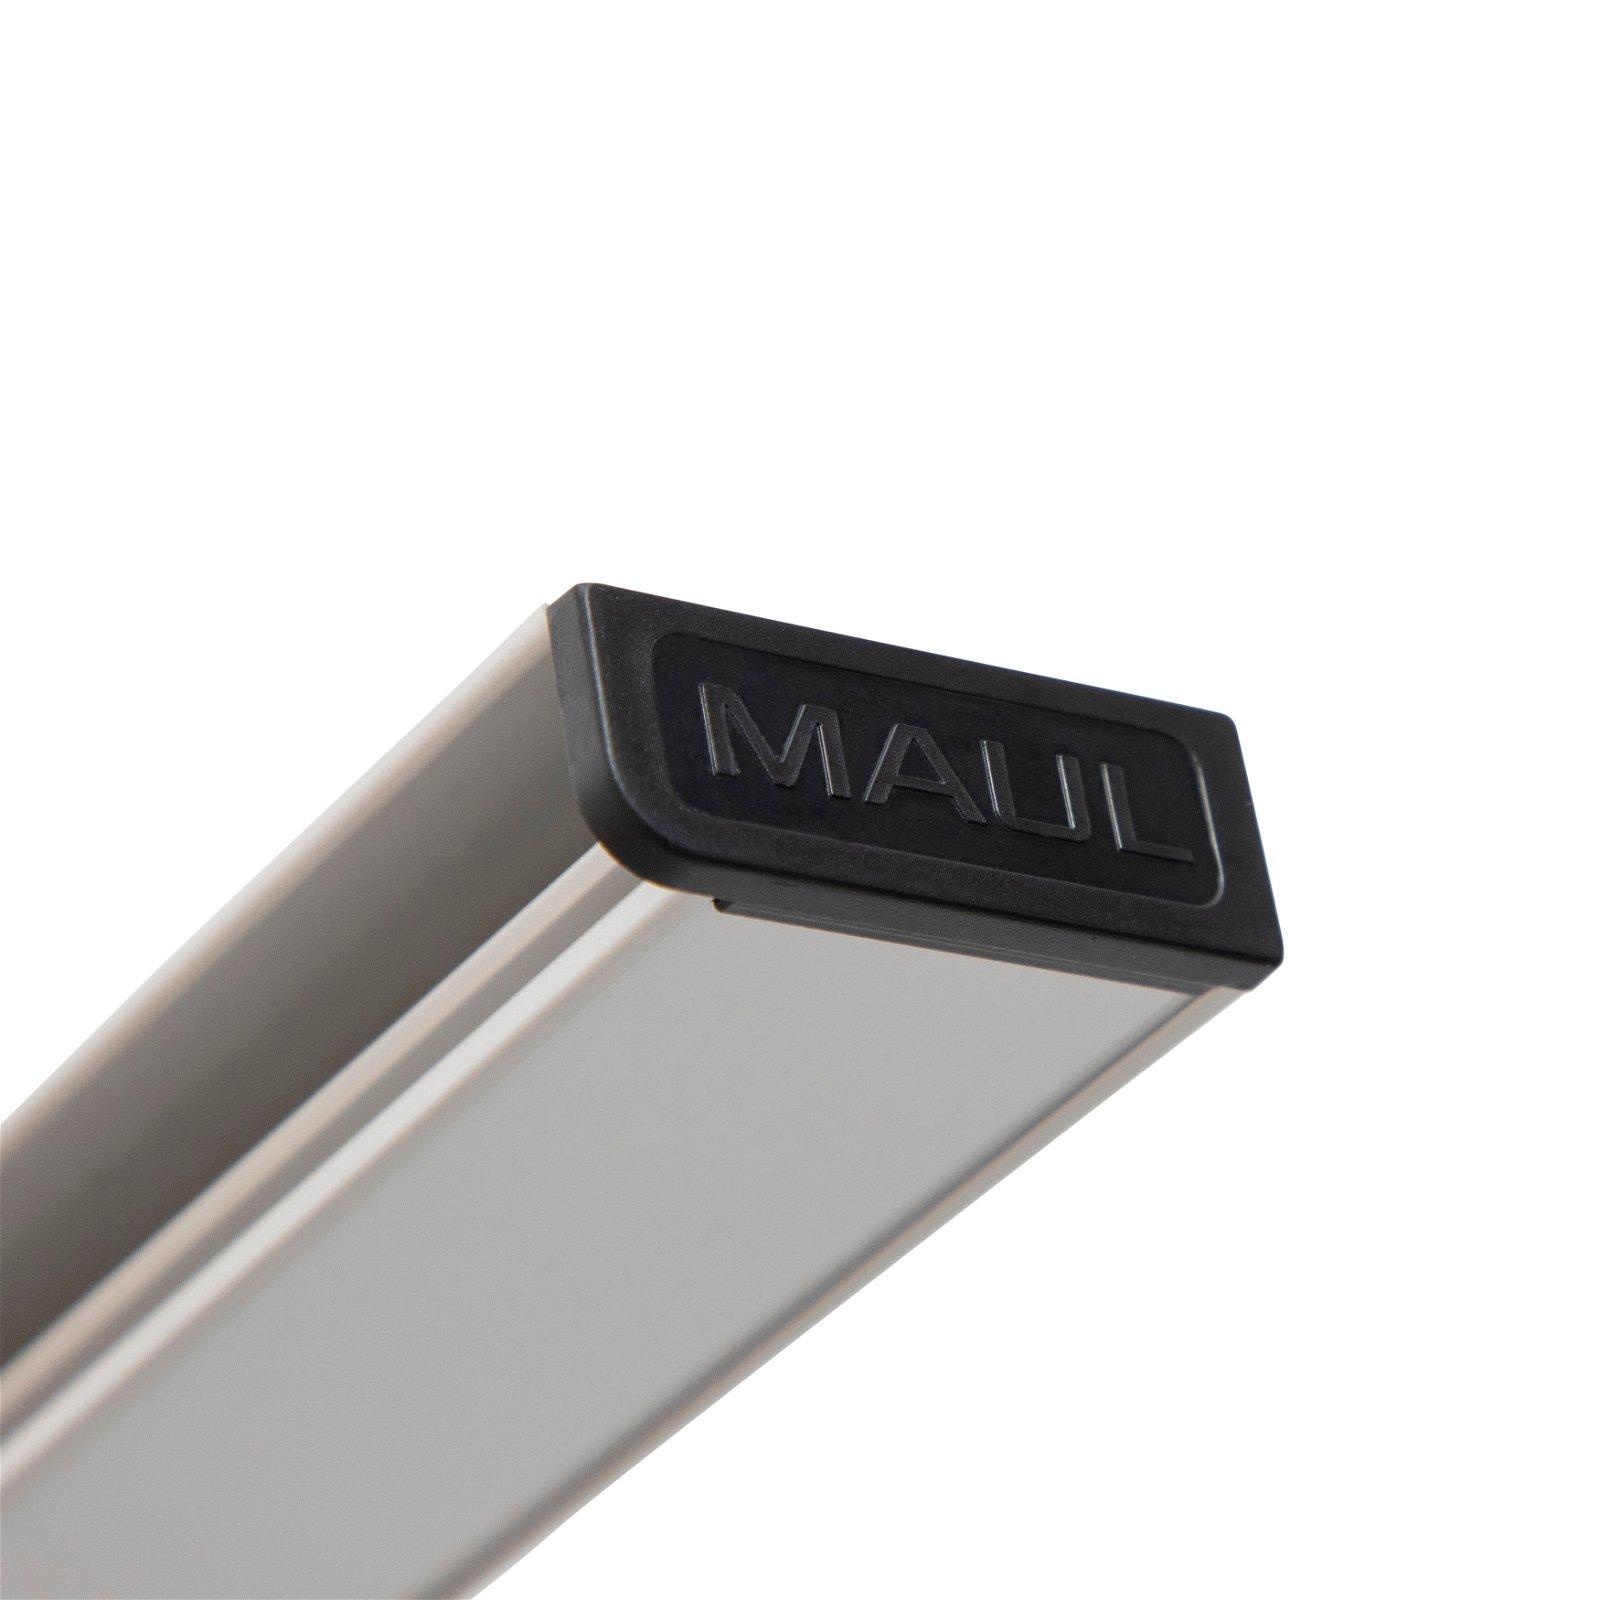 Multifunktions-Klemmleiste MAULpro, Aluminium